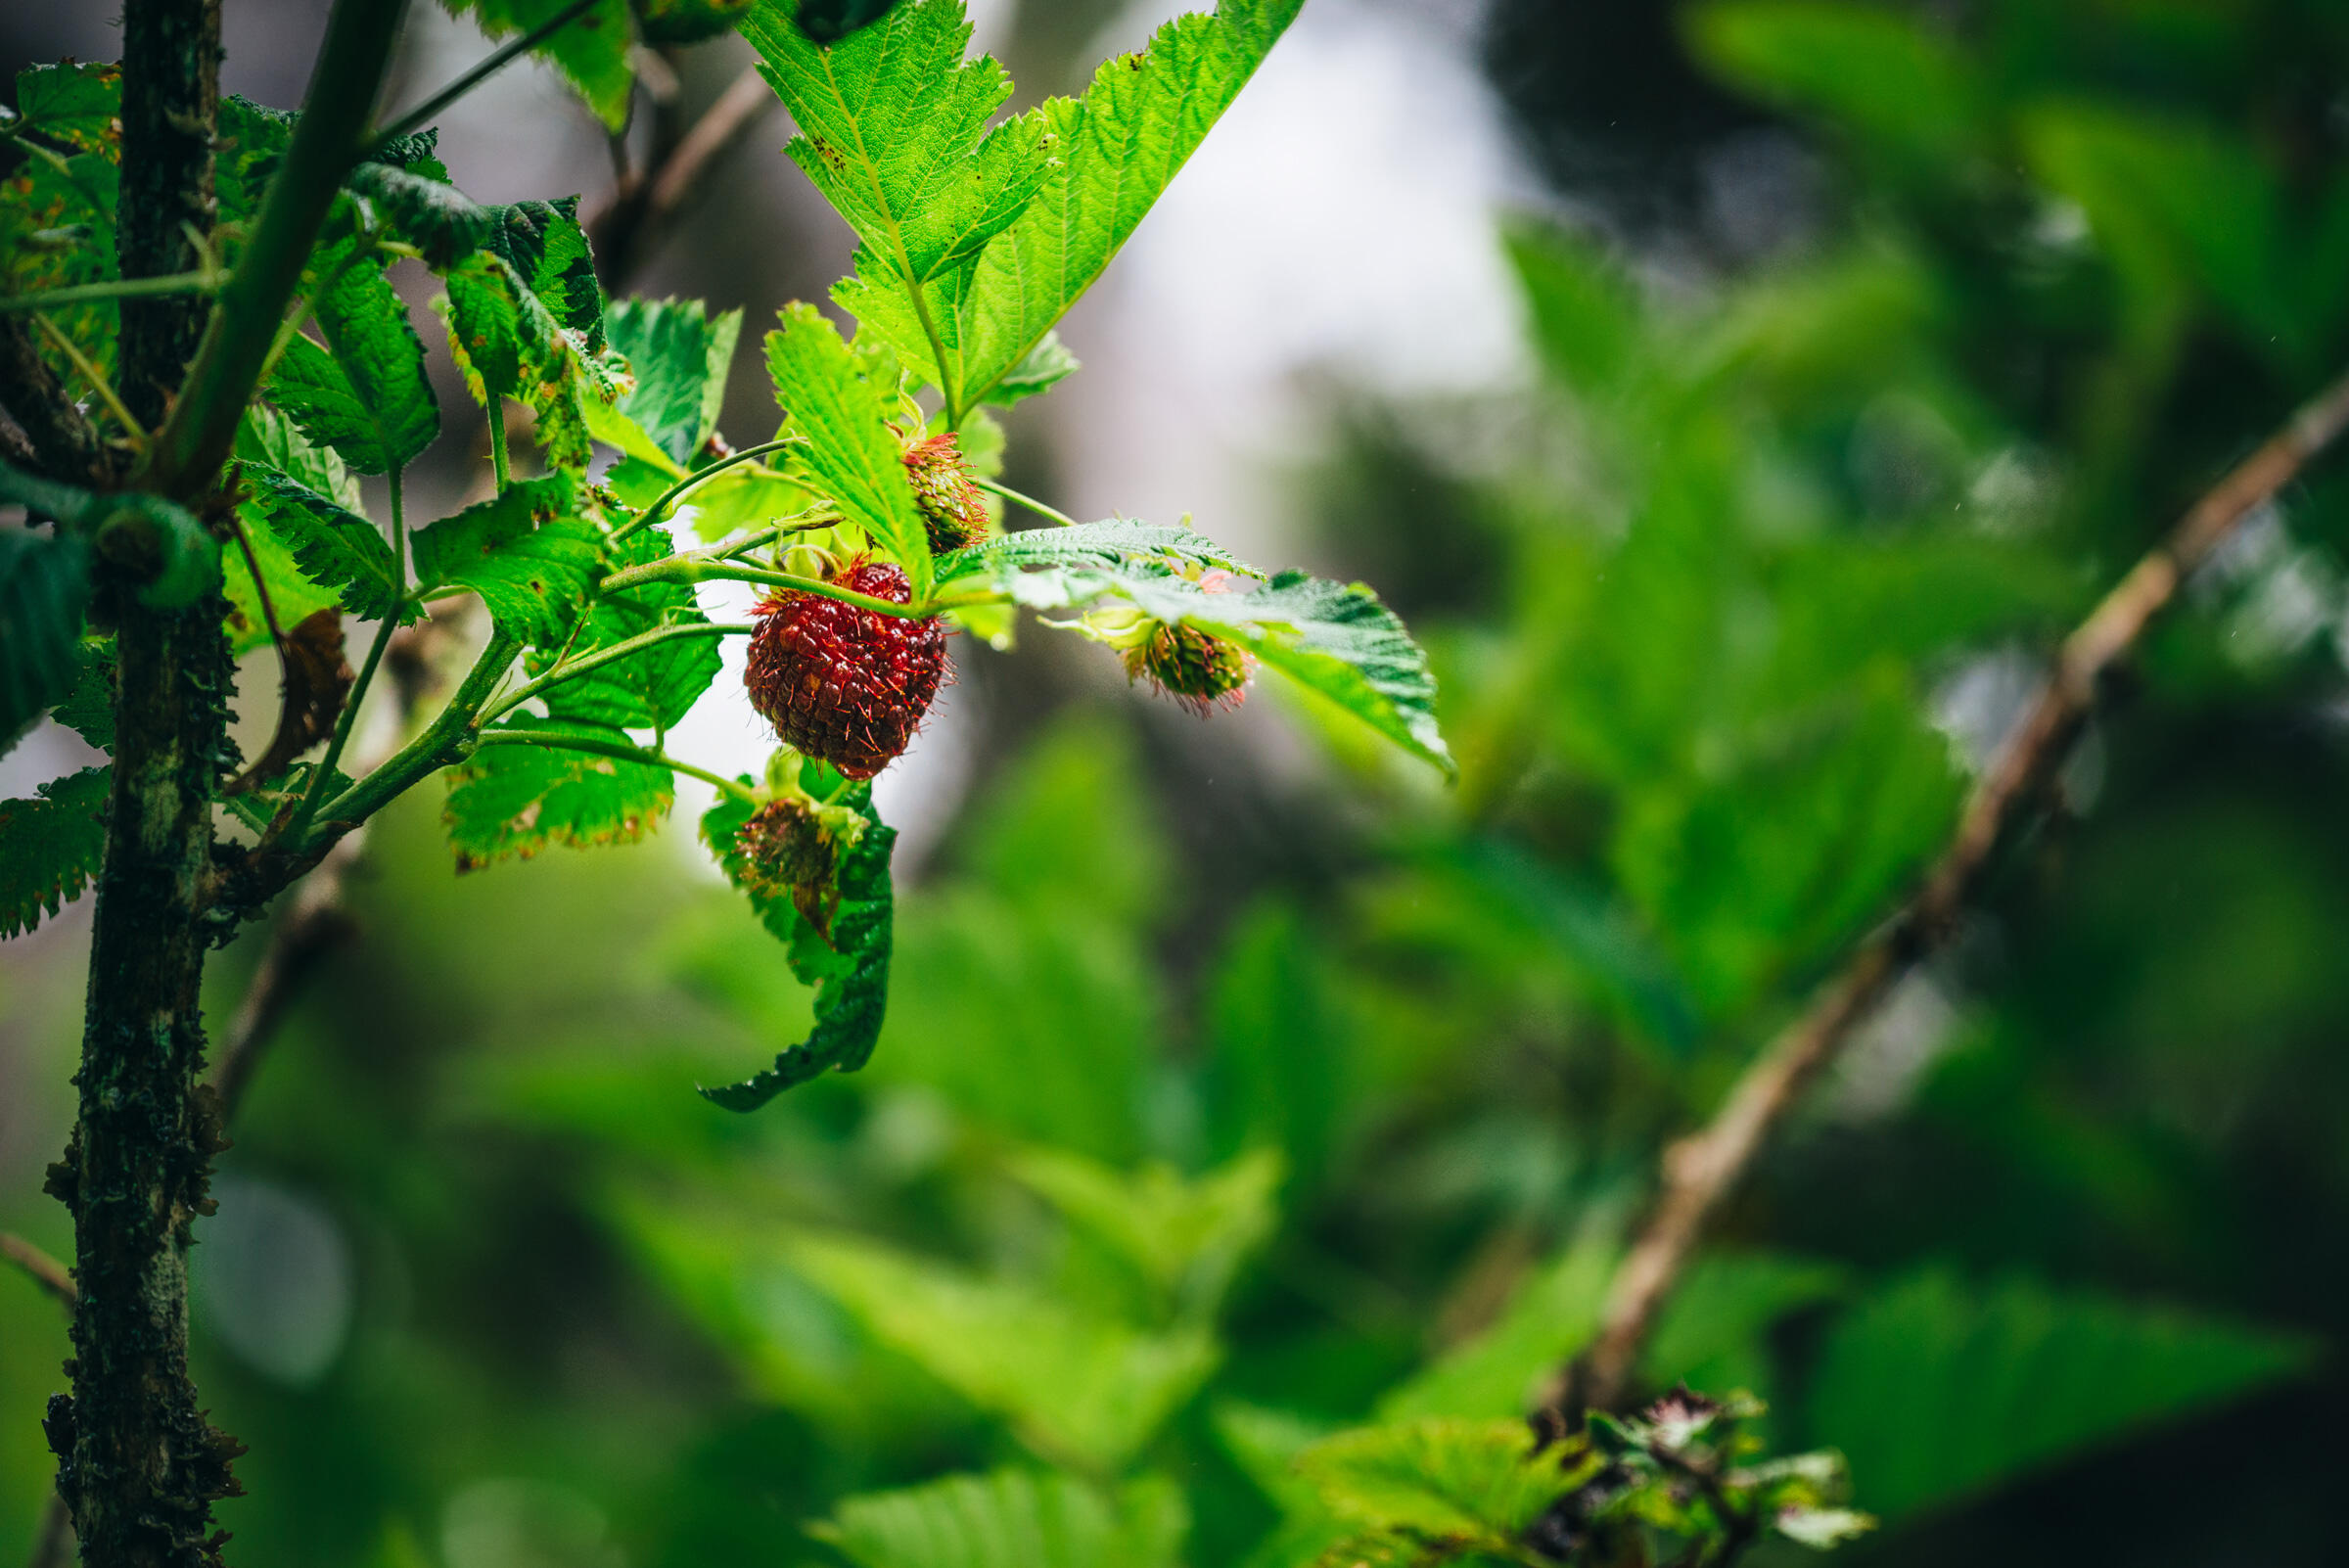 A native Hawaiian raspberry plant. Ken Etzel